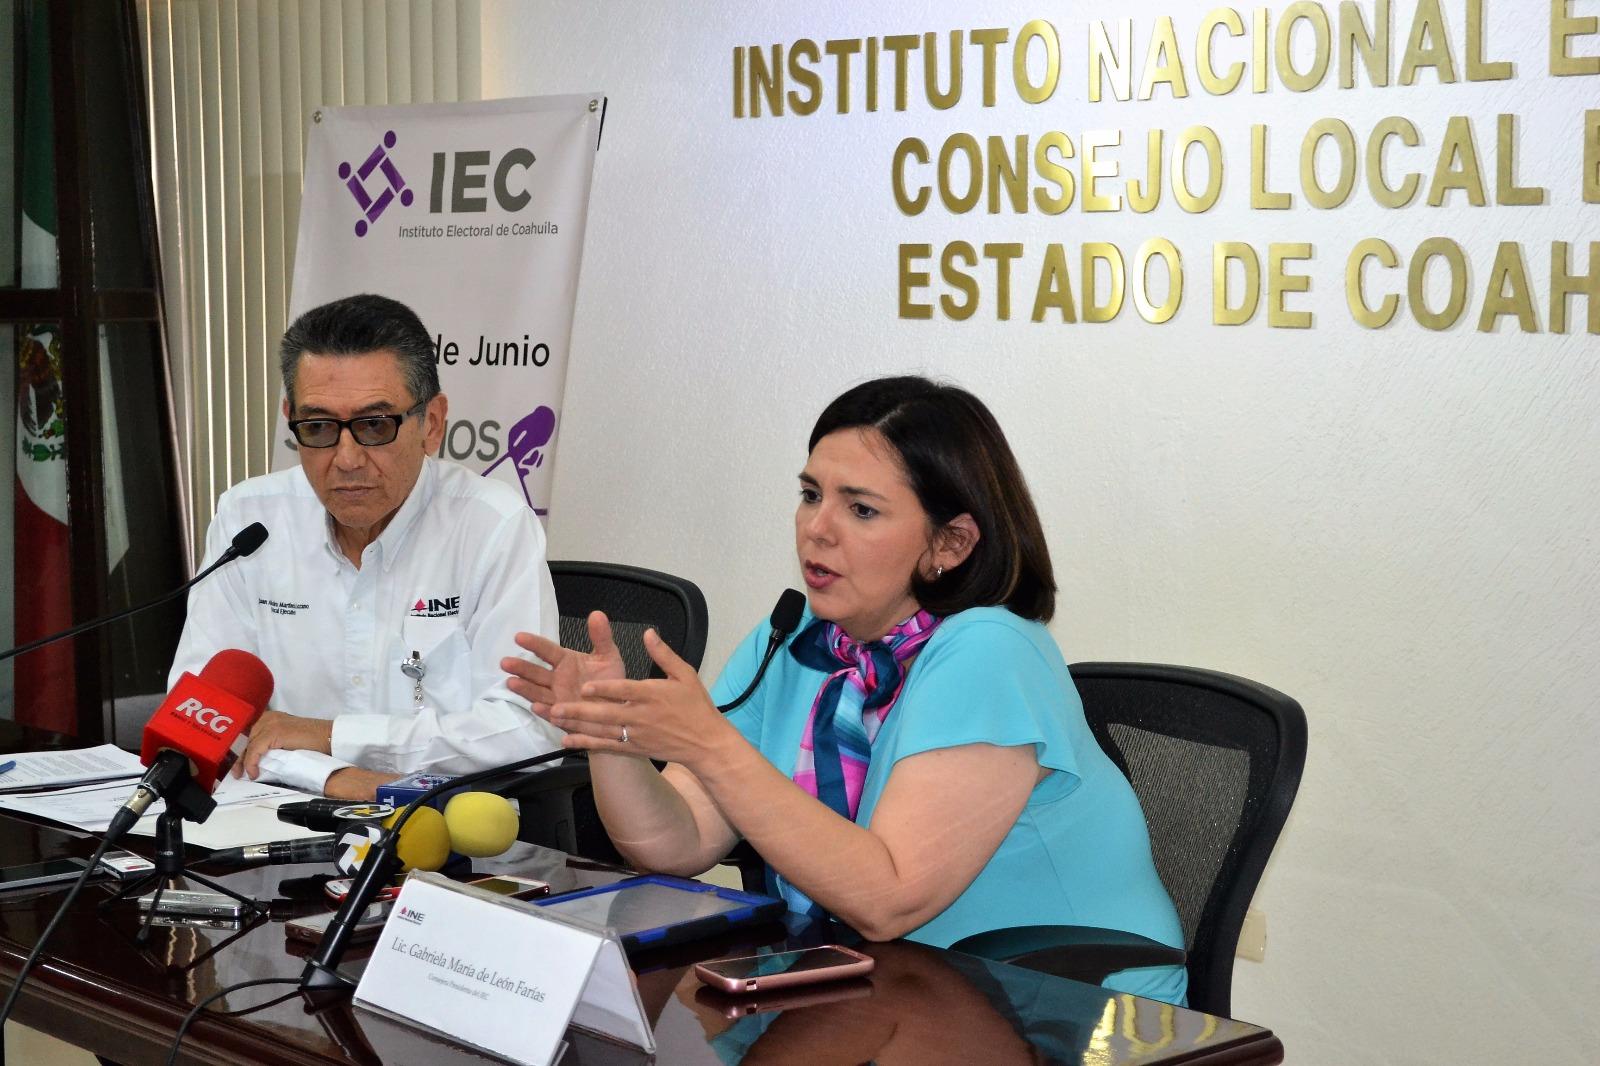 Llegan boletas electorales a Torreón Coahuila